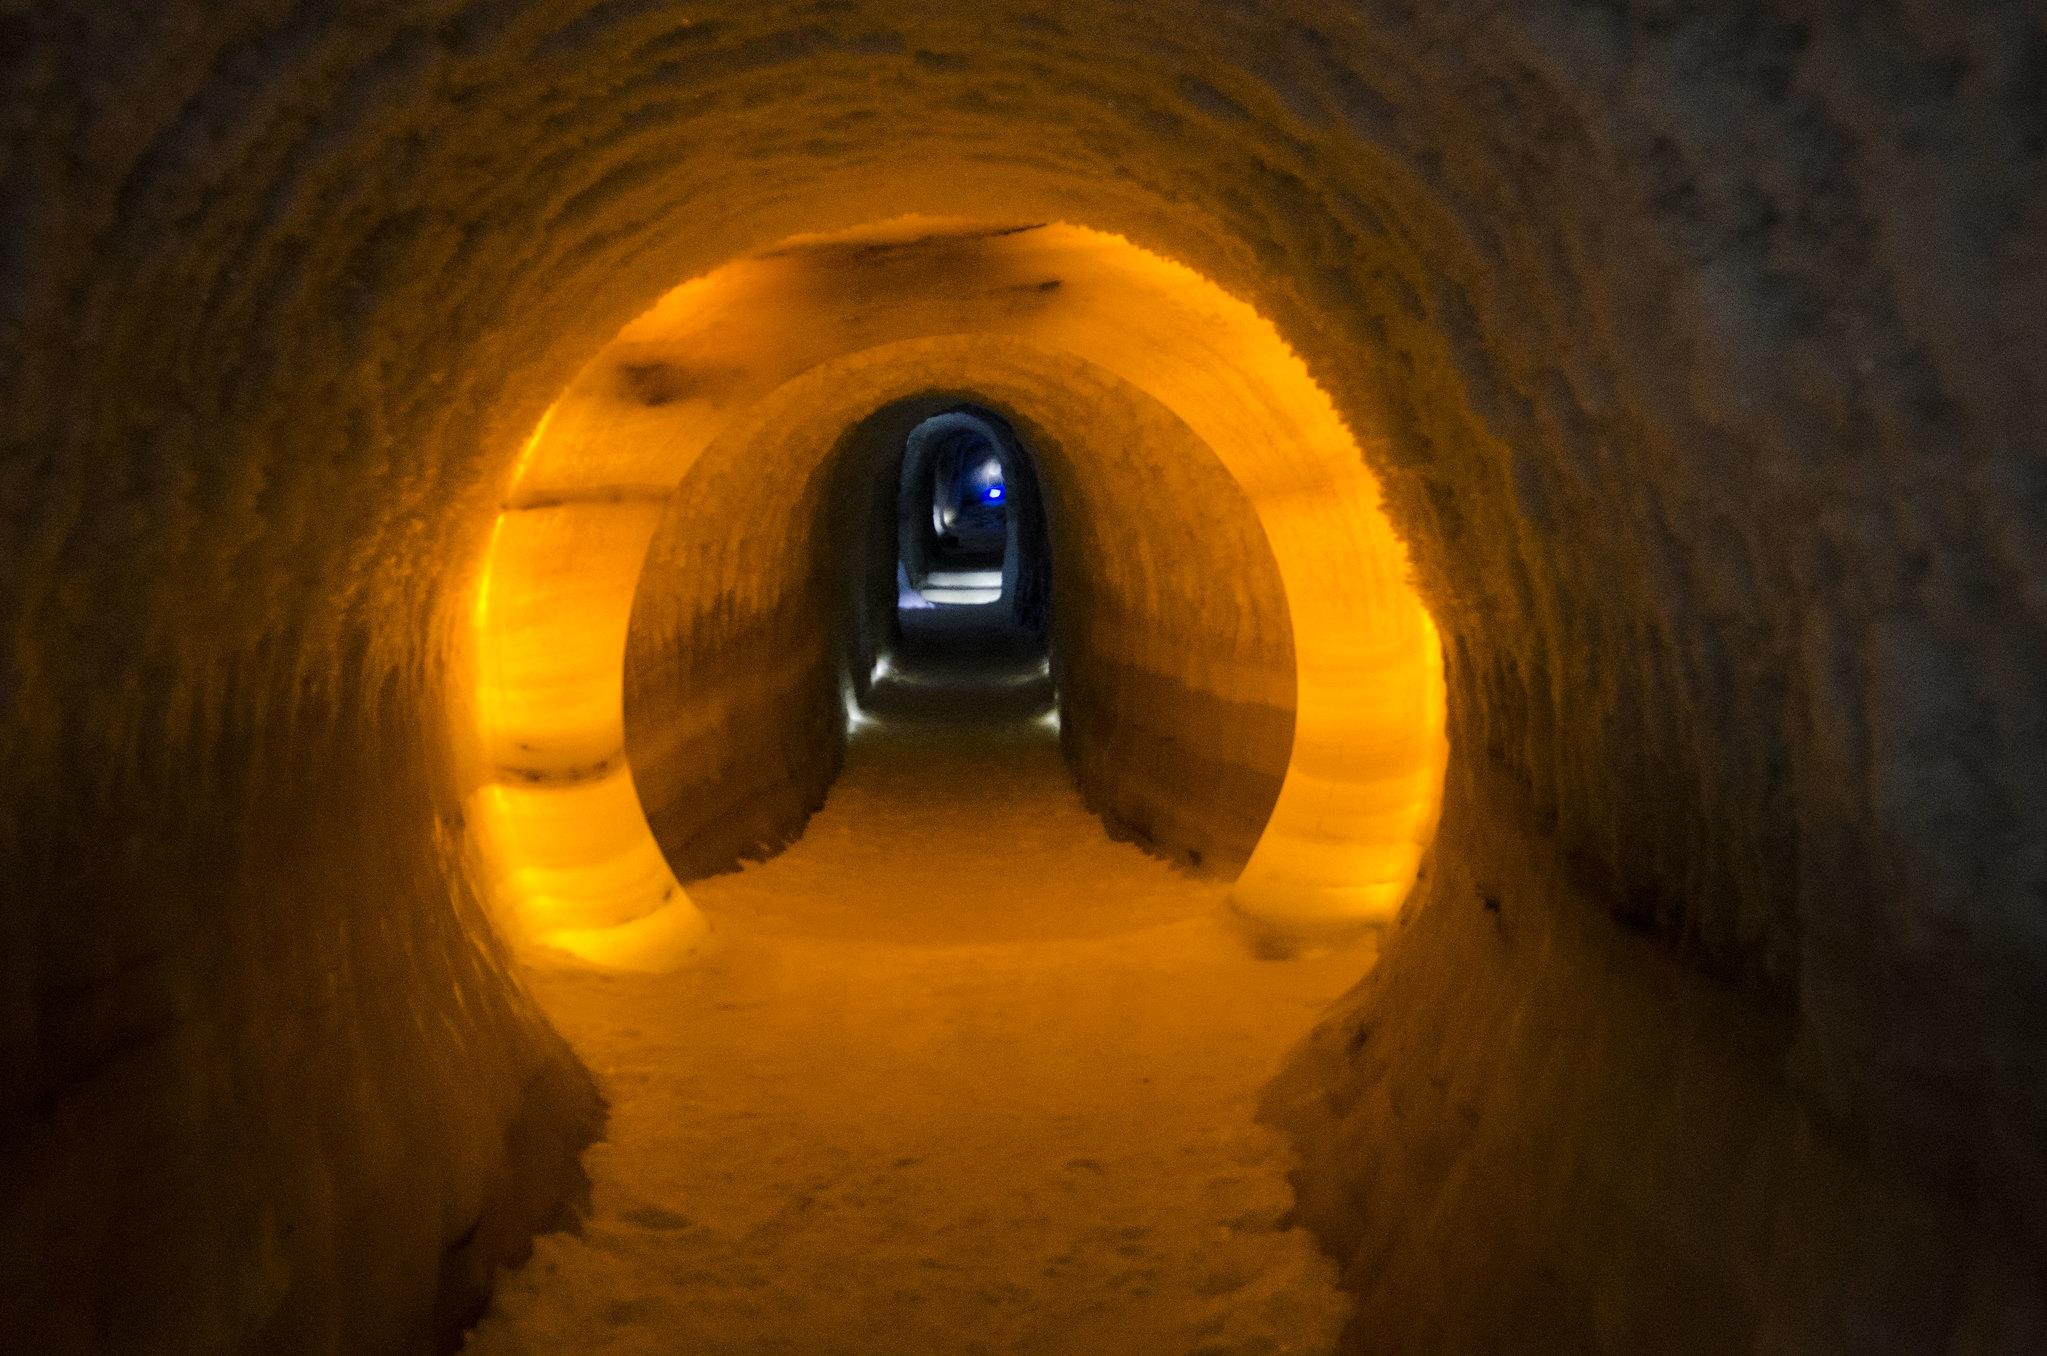 Istunnellen er utstyrt med LED-lys for å ikkje varma opp isen og slik at dei slepp å byte pærer ofte